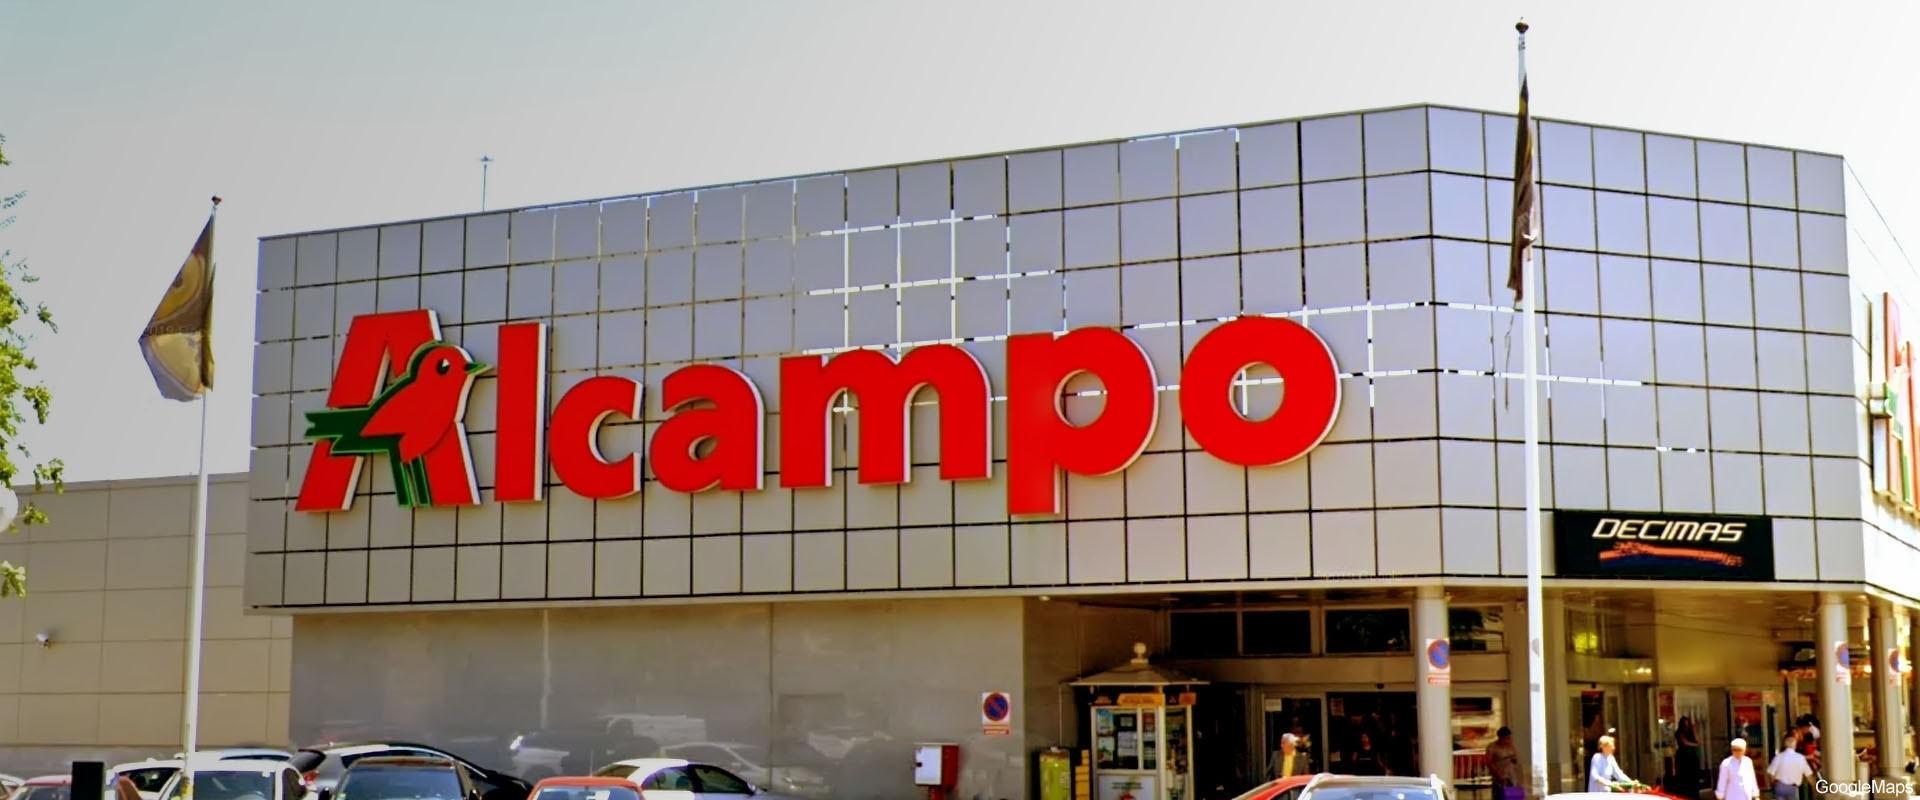 ccalcampopioxii.es